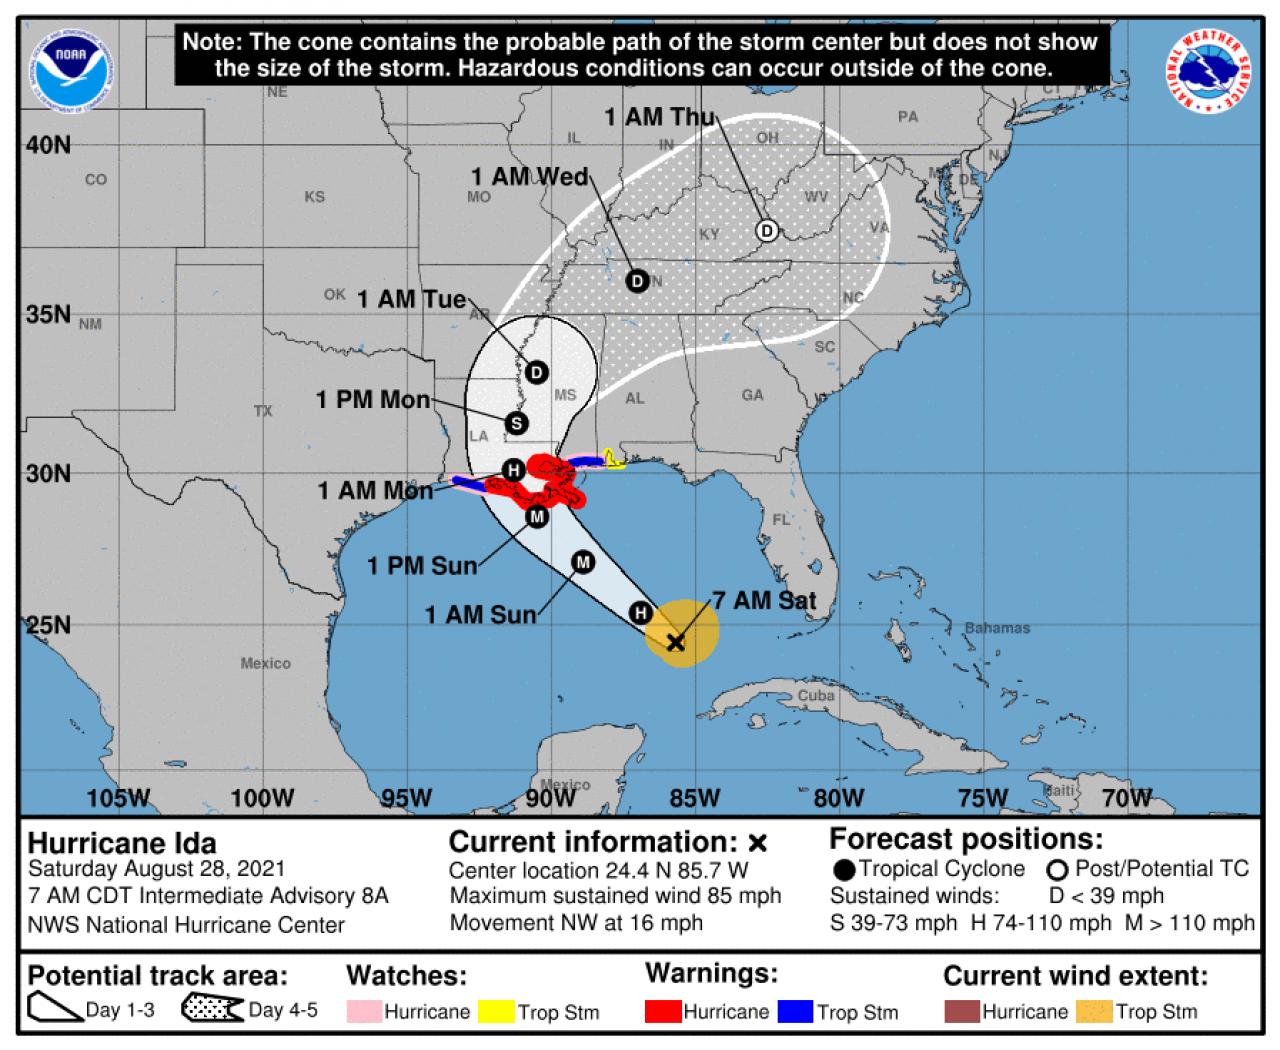 La rotta prevista dell'uragano Ida (Fonte: National Hurricane Center)